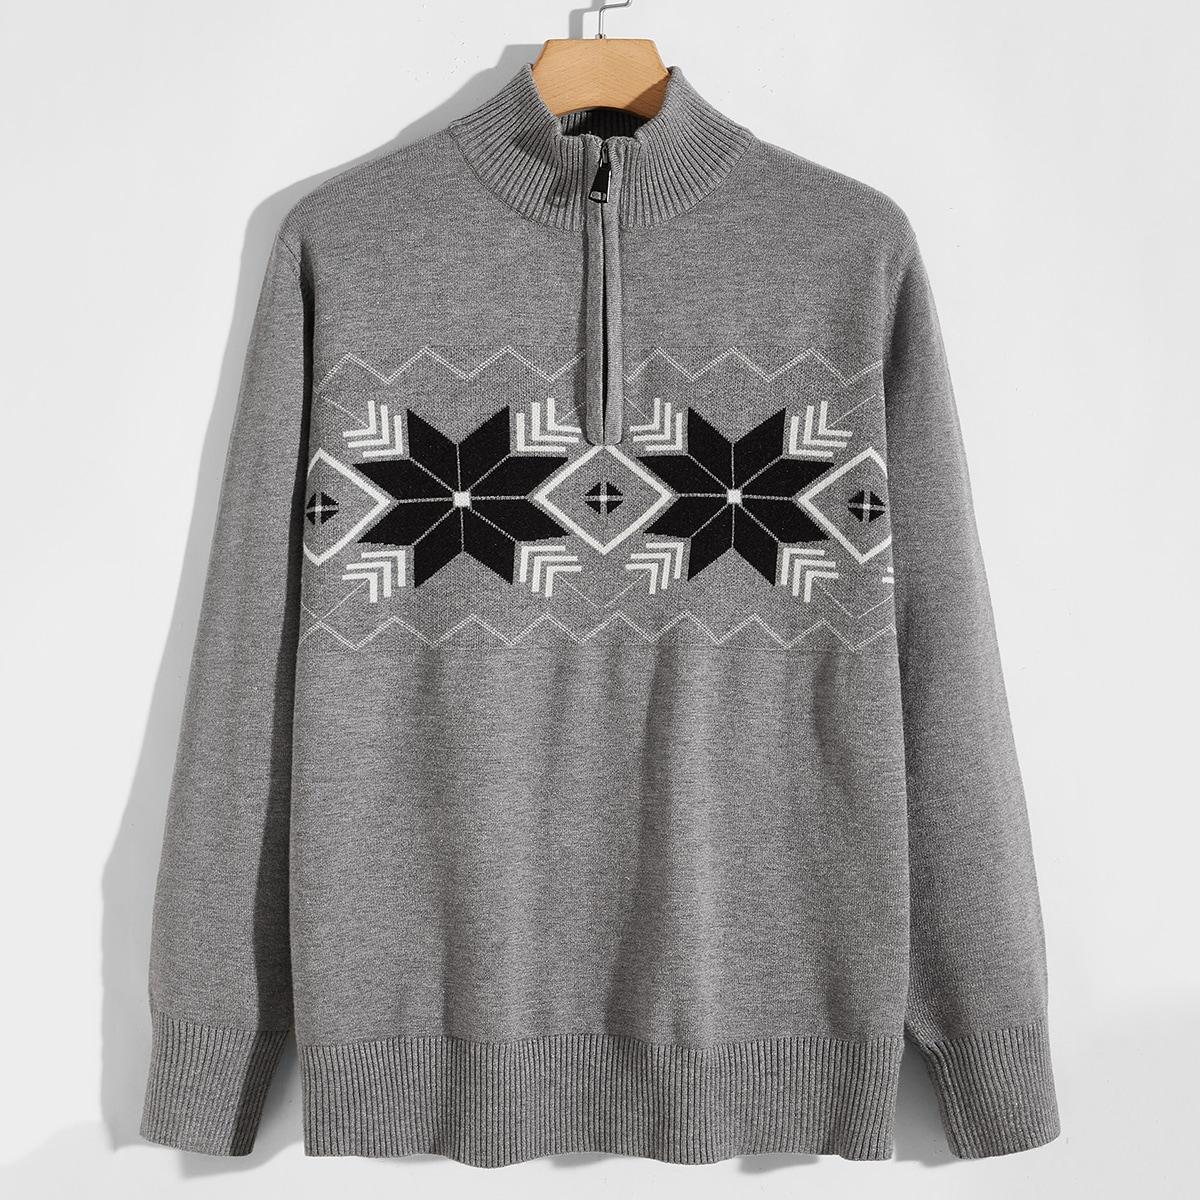 Мужской свитер на молнии с половиной планки с геометрическим рисунком